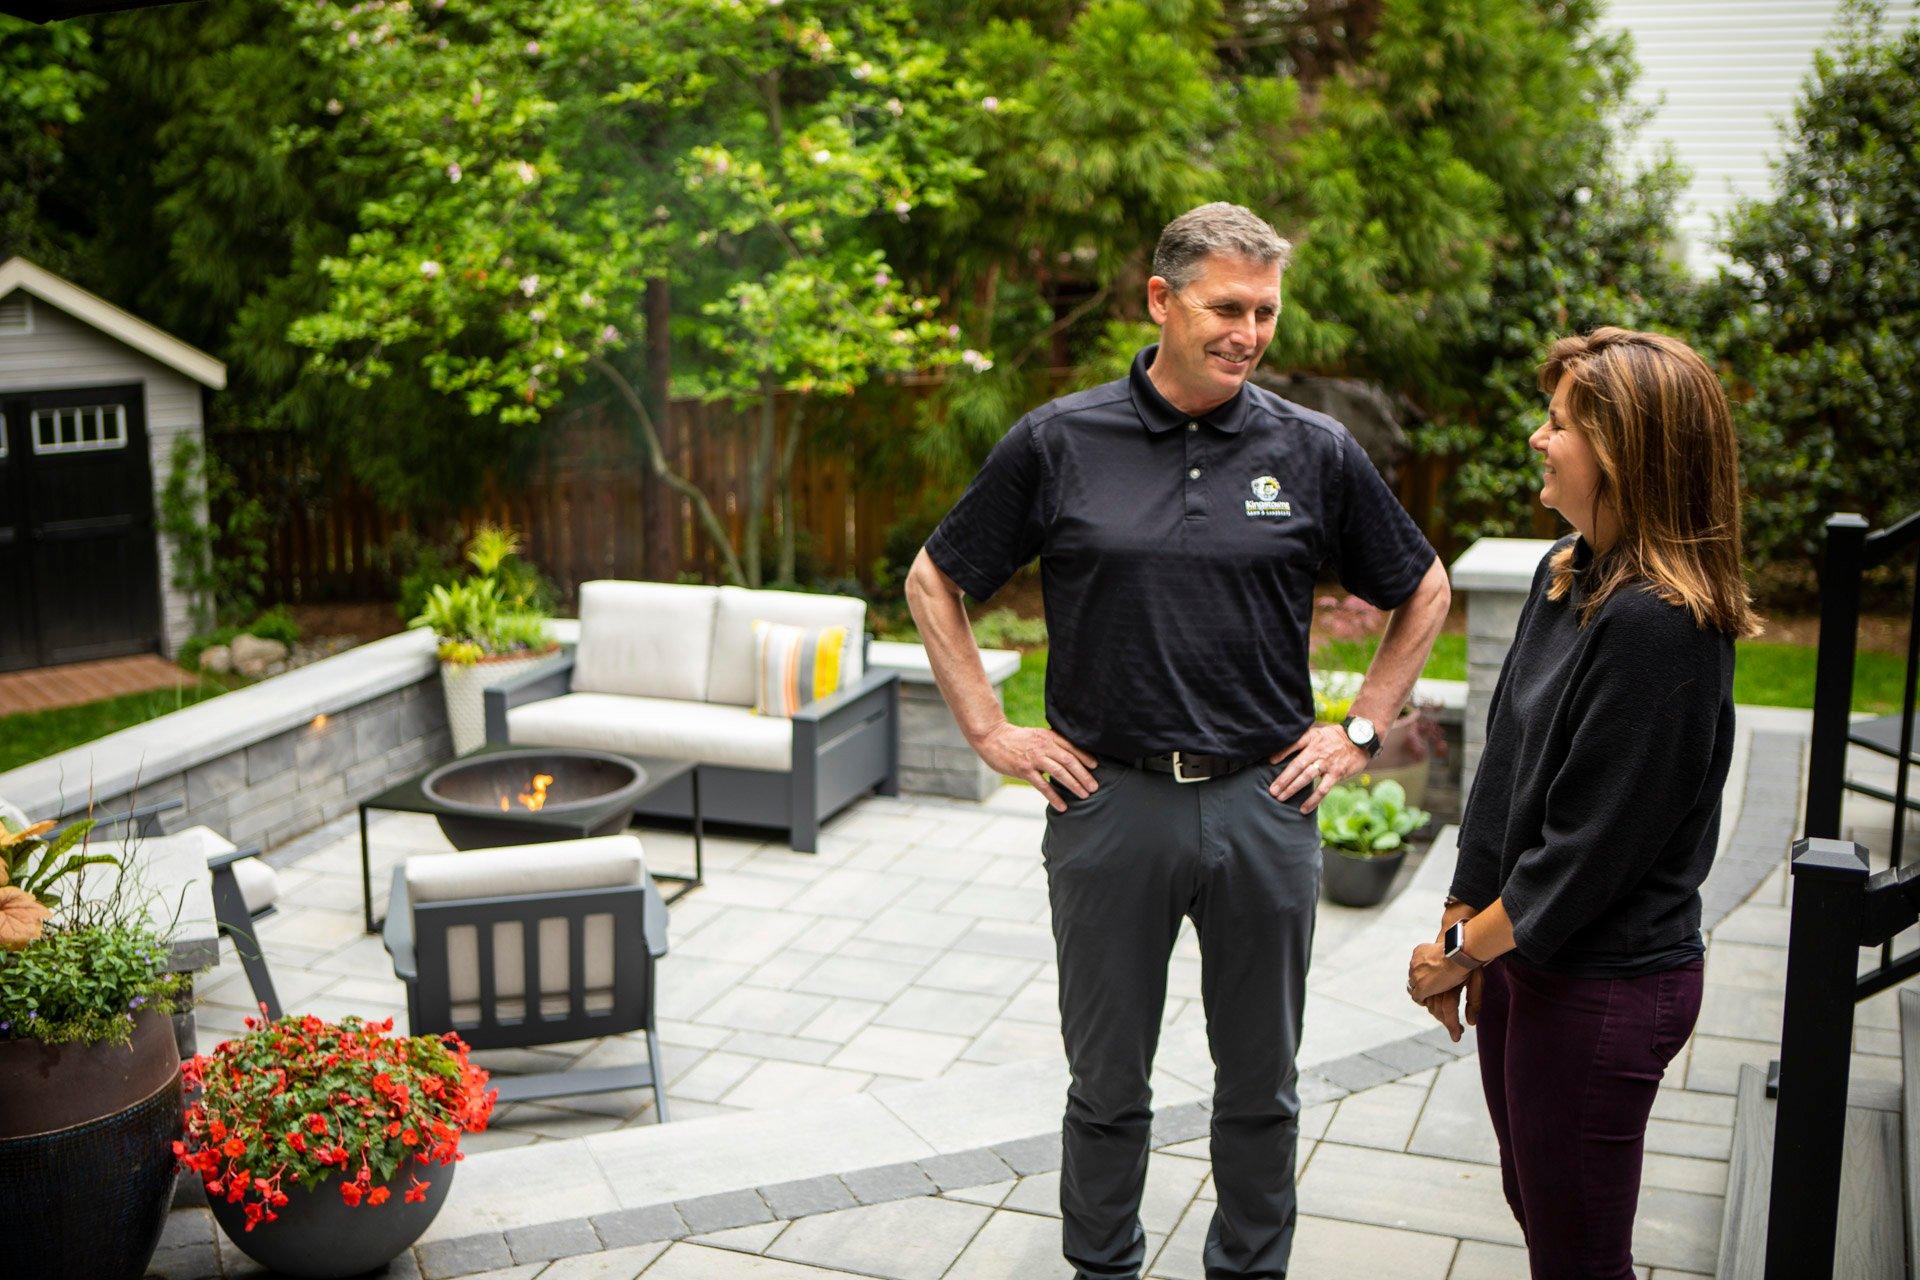 Kingstowne landscape designer with customer